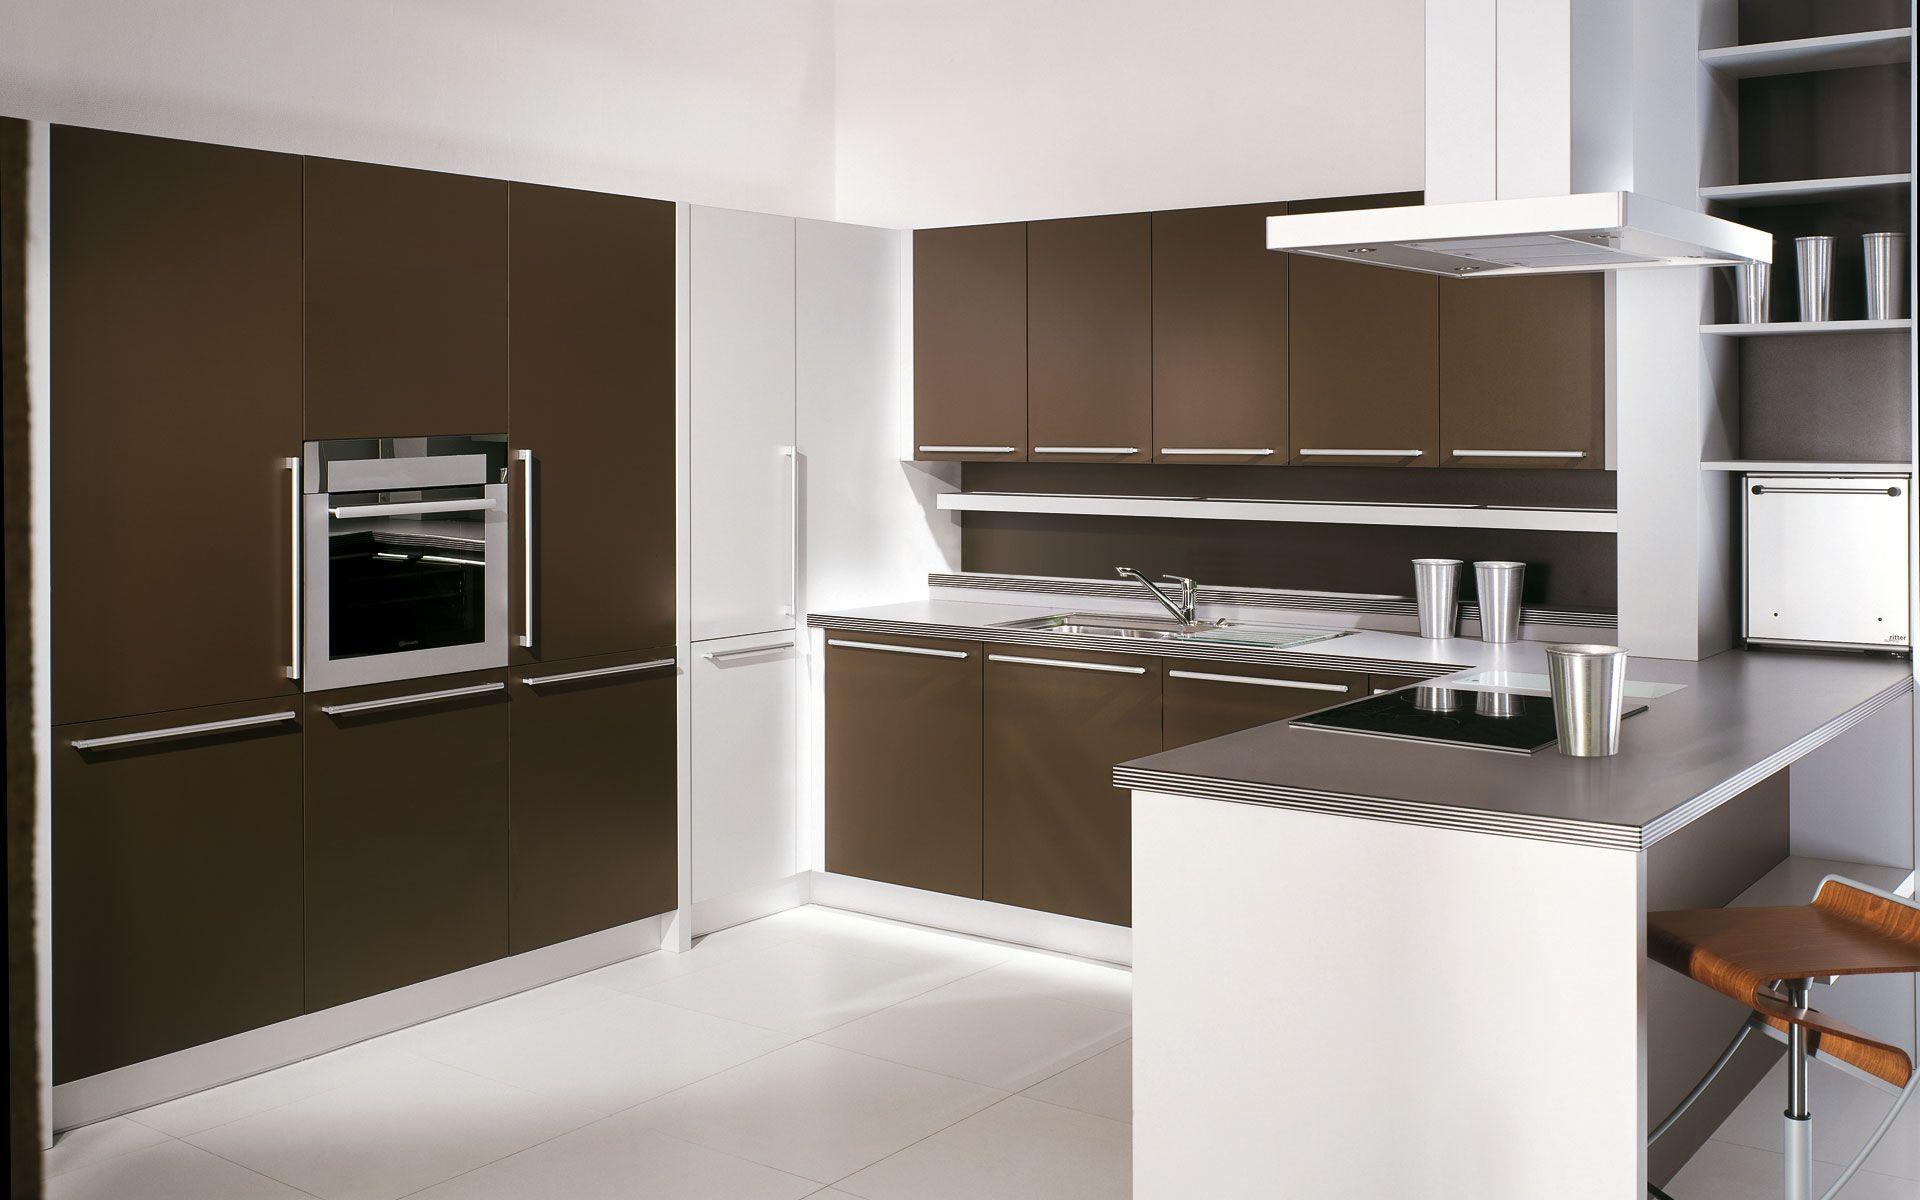 Bildergebnis für küchen mit Ecke | MA9 - Küche Ecklösungen ...